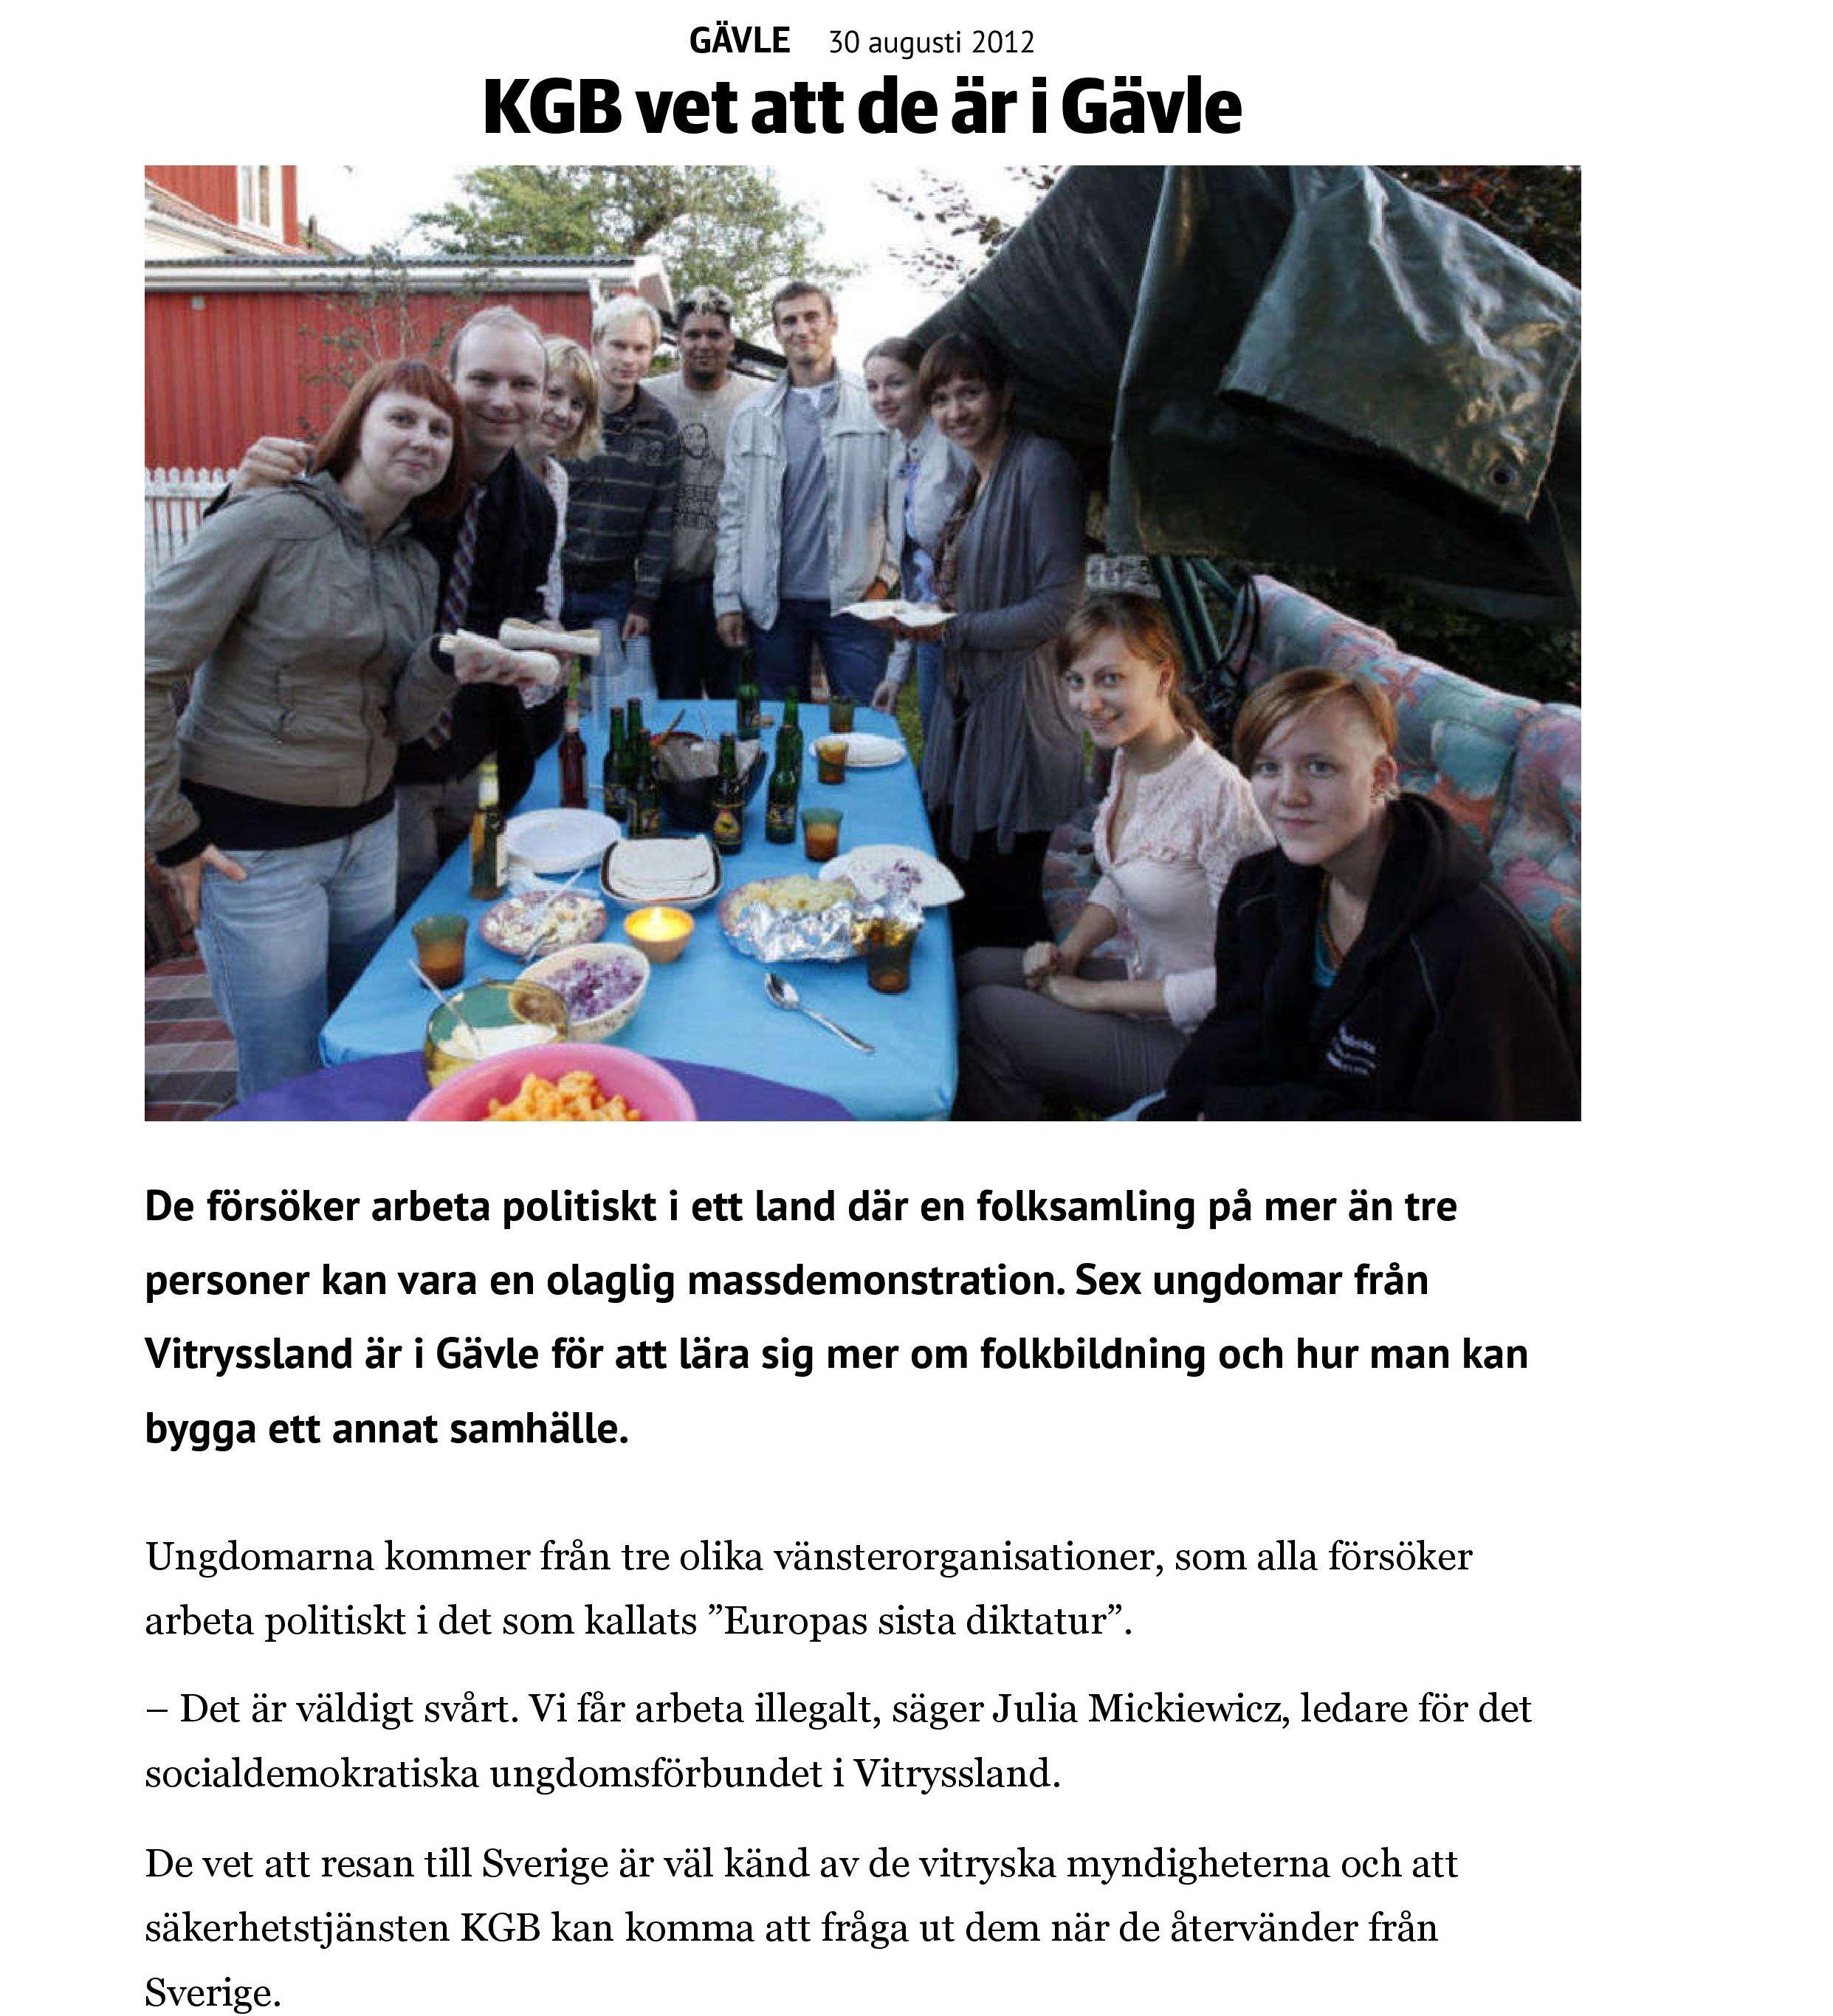 kgb-vet-att-de-ar-i-gavle-gavle-www-gd-page-001